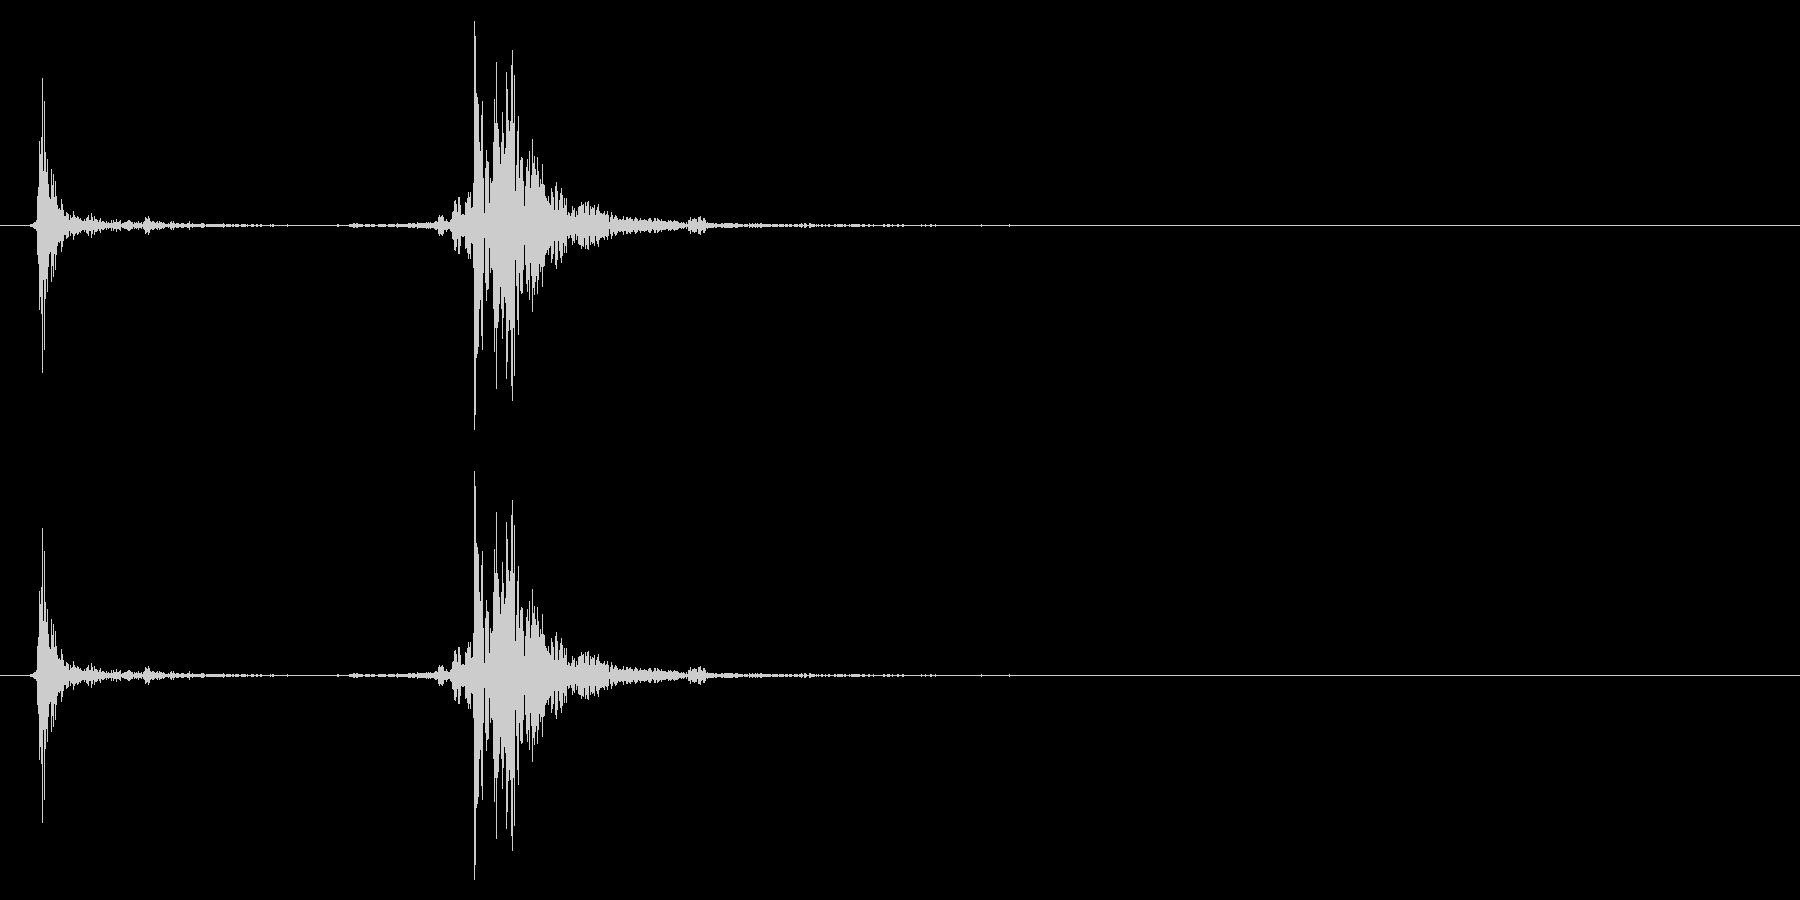 アタッシュケースの留め具を閉じる音_1の未再生の波形